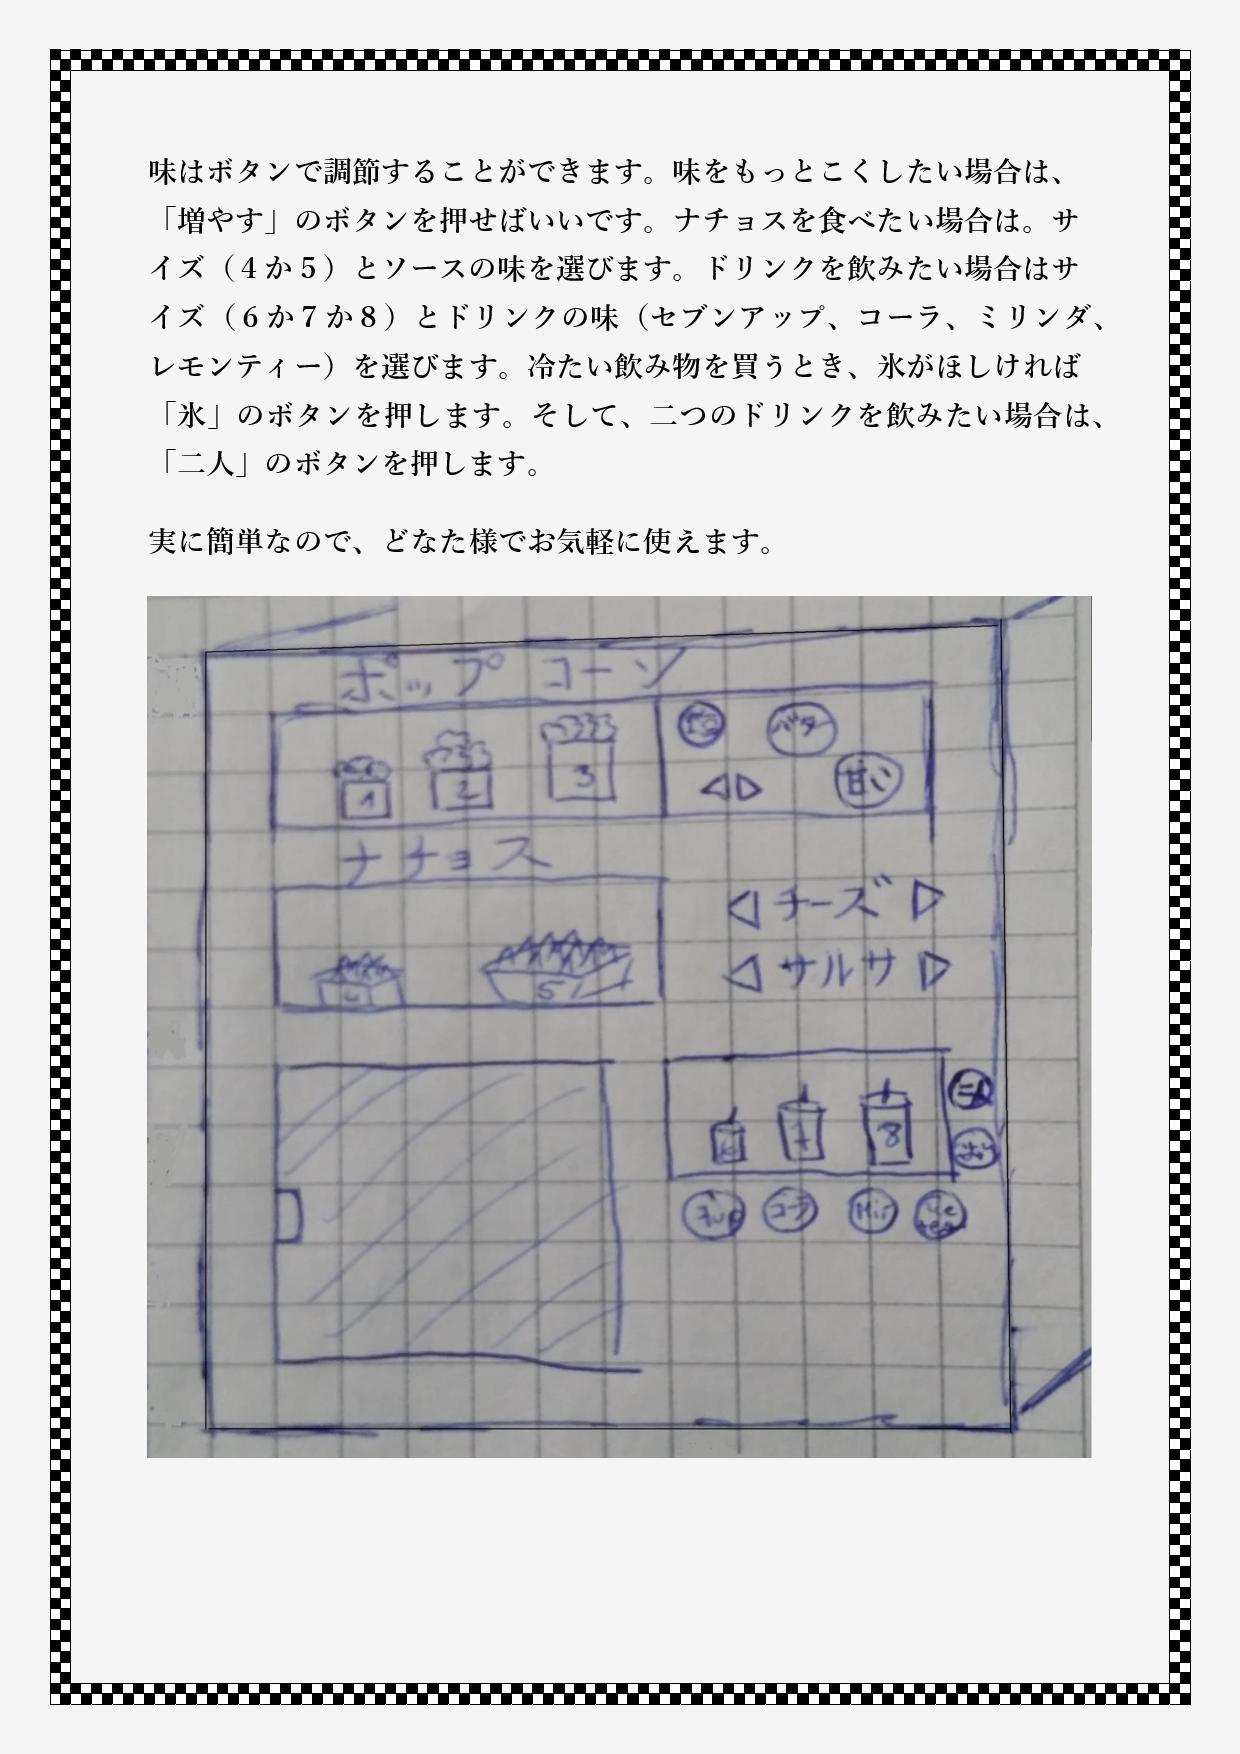 スナック販売機-page-002